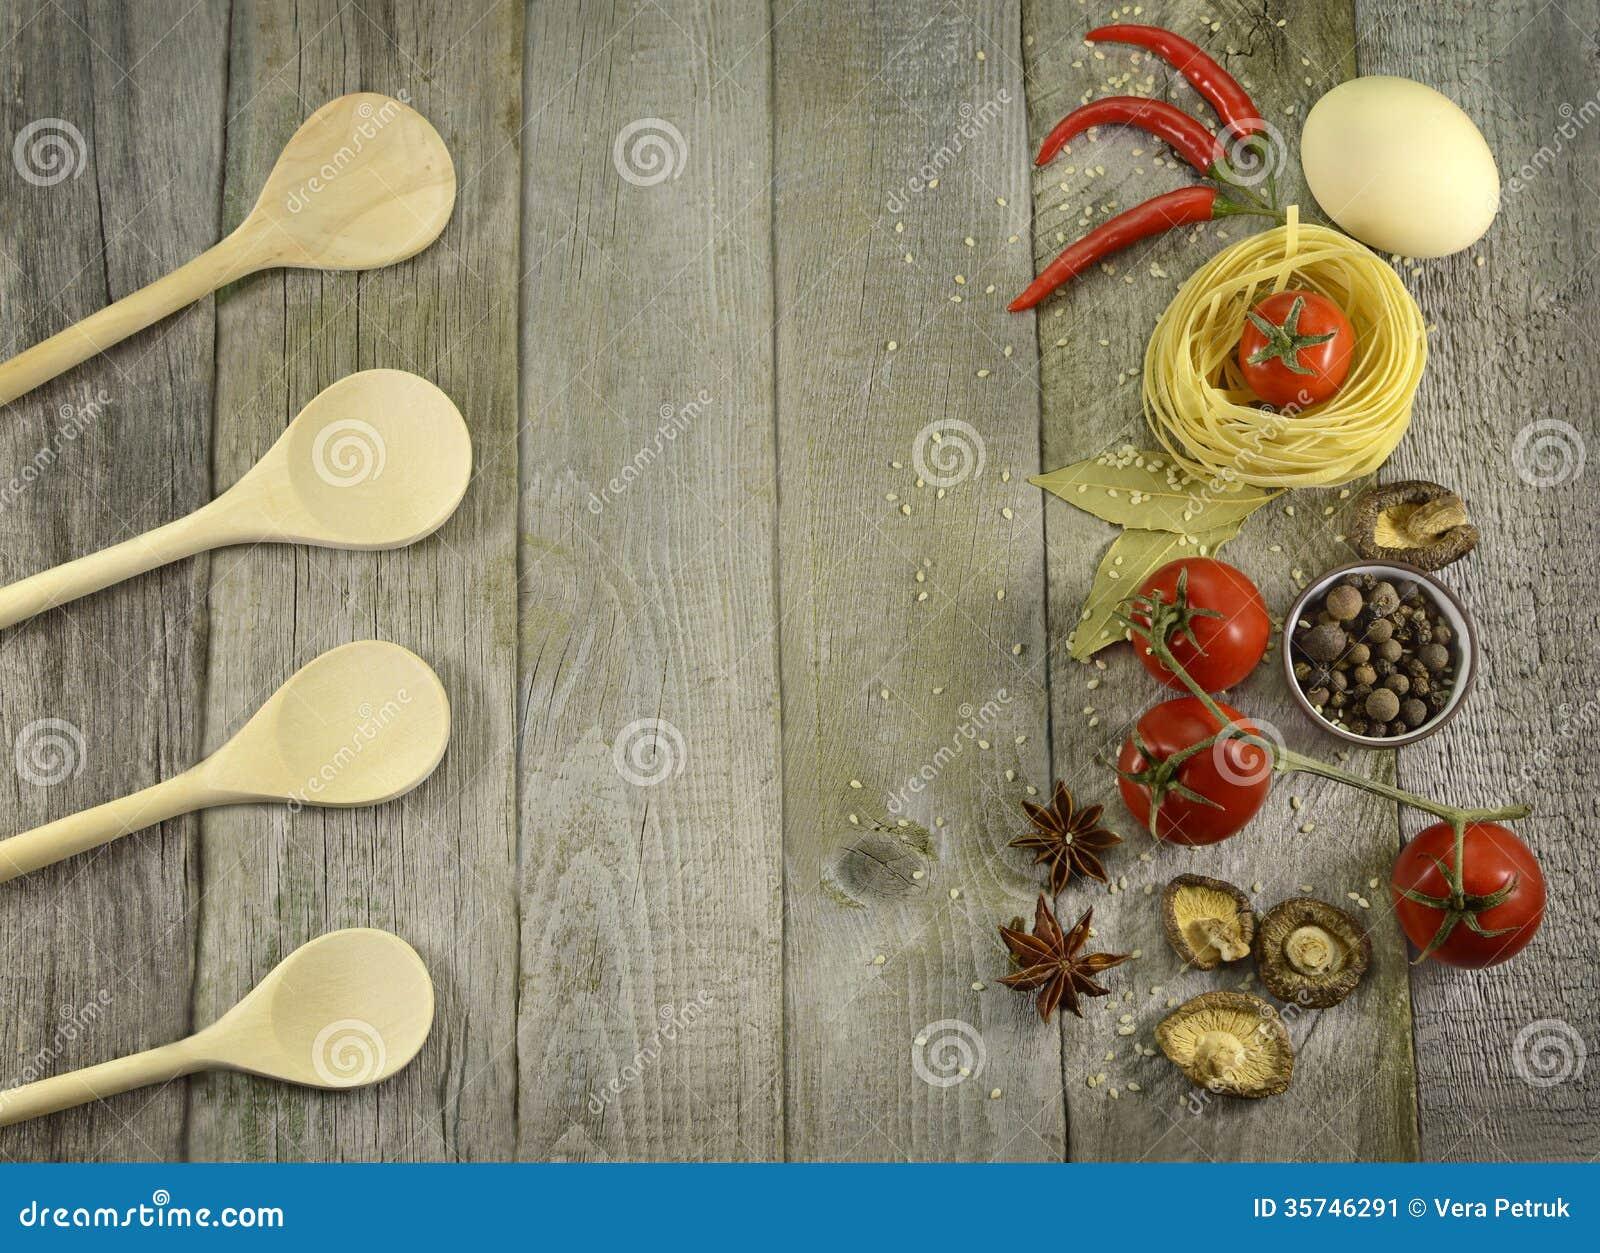 Fondo Cocina | Fondo De La Cocina Con Las Cucharas Y La Comida Imagen De Archivo